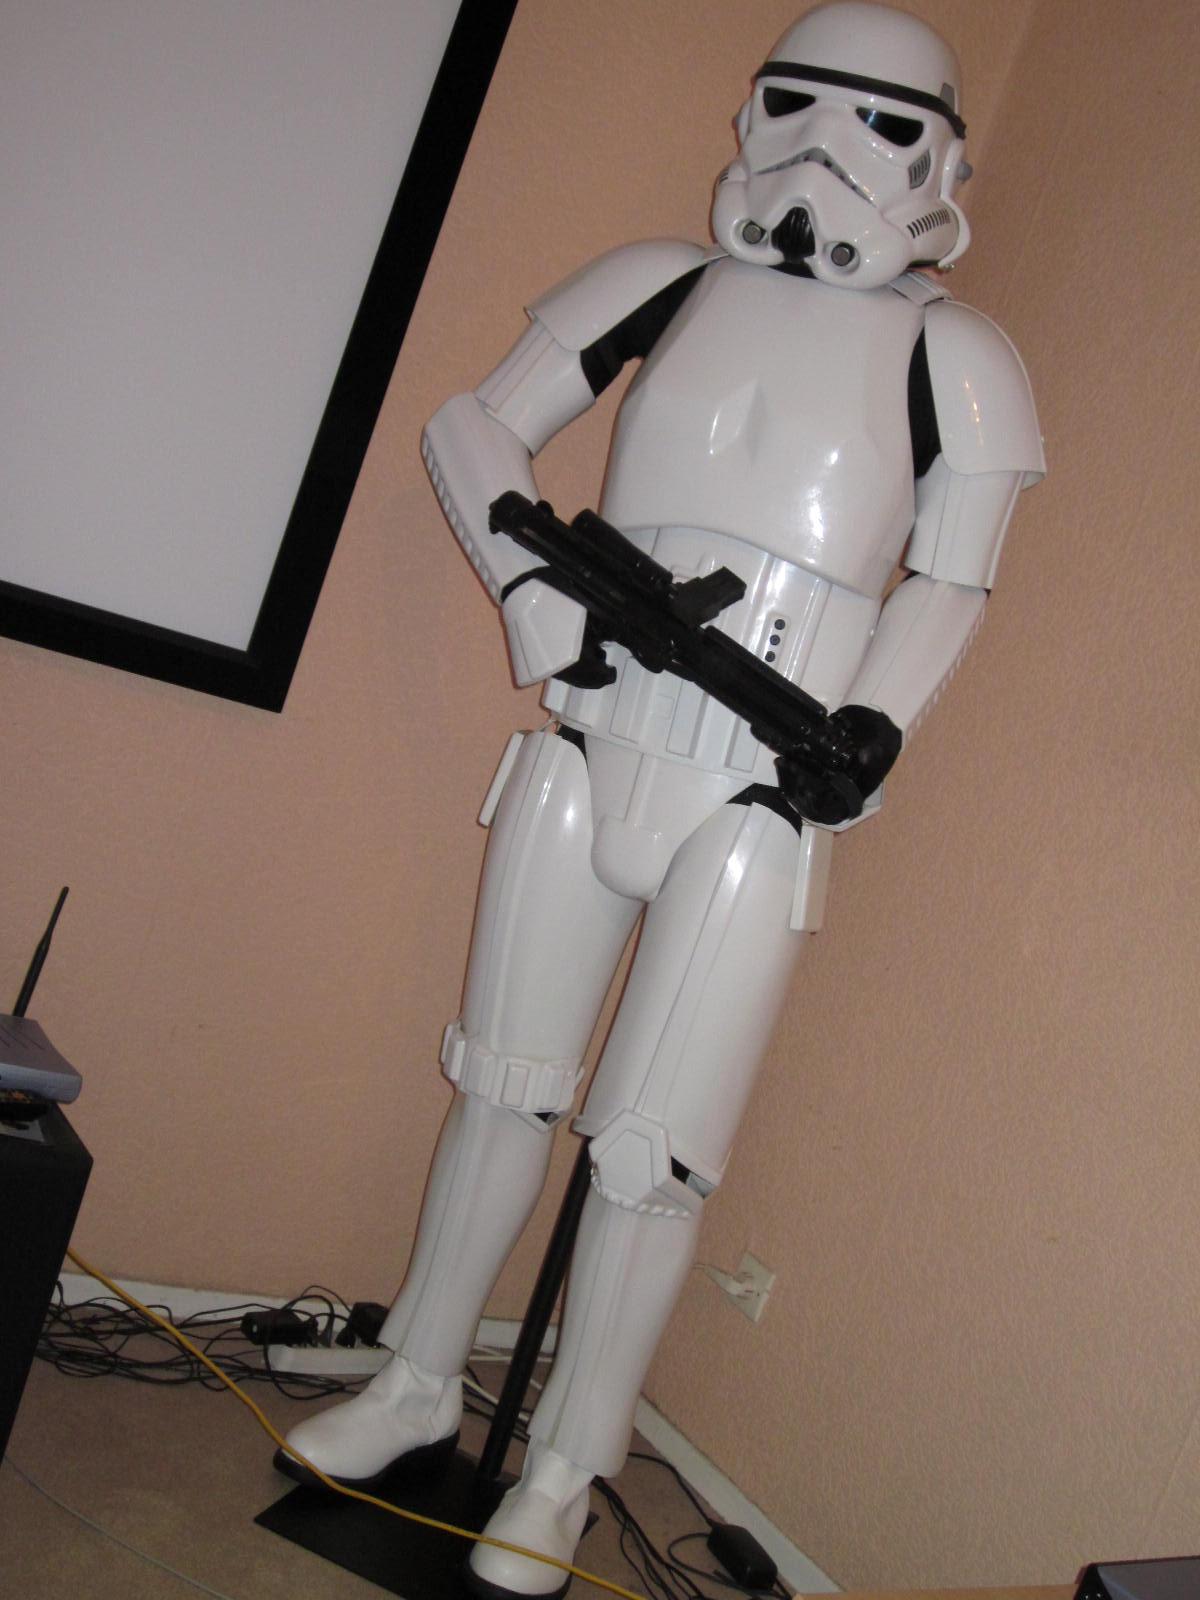 stormtrooper fini, grace a vous  820573storm1